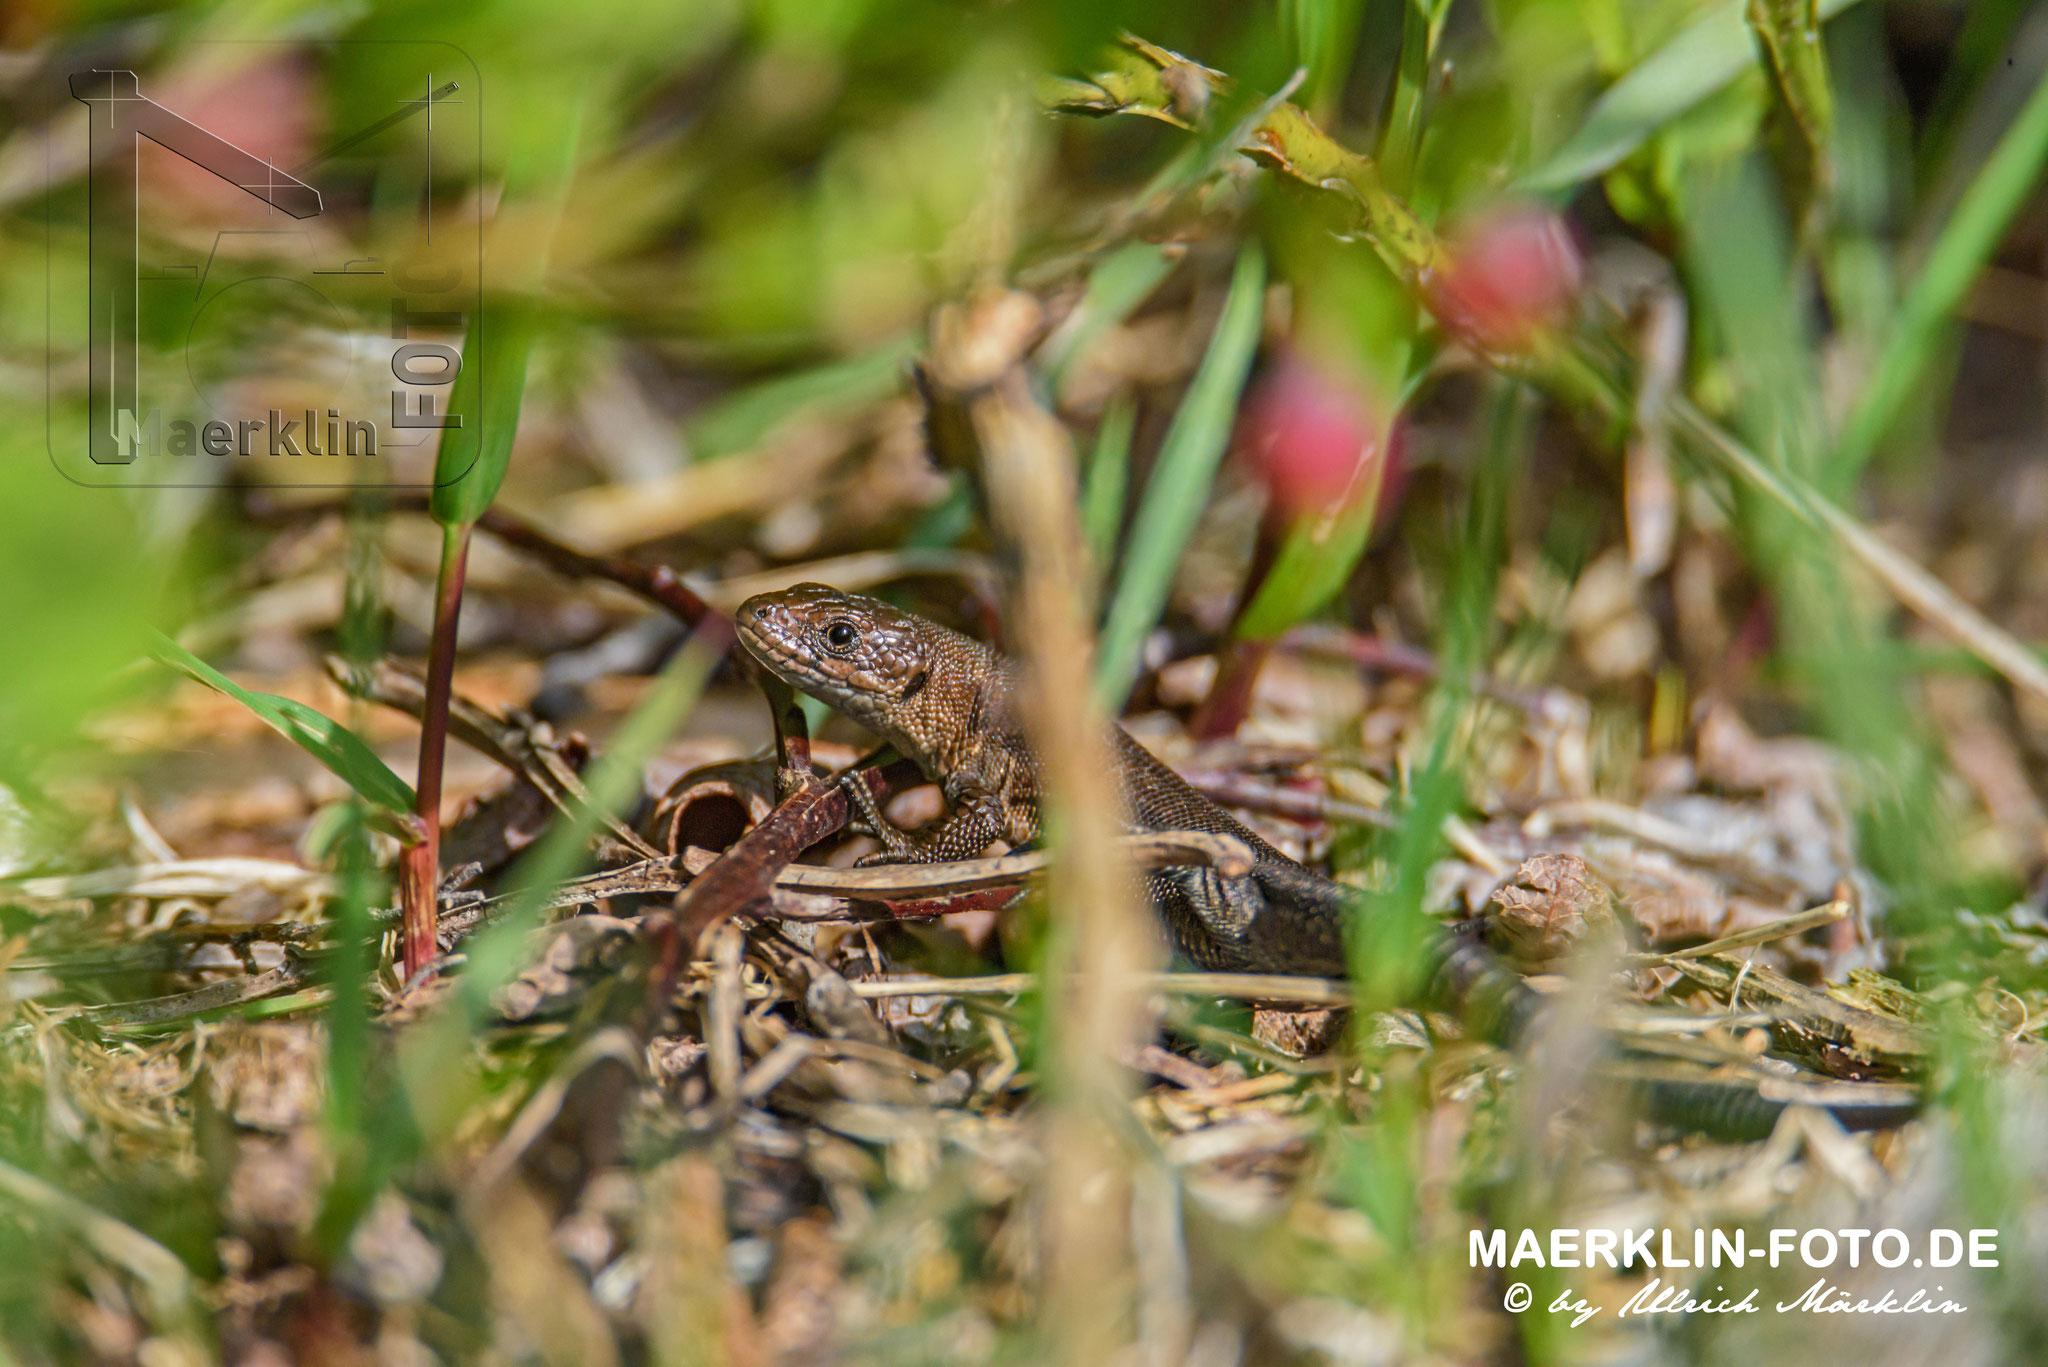 Eidechse, Waldeidechse, zootoca vivipara, Nationalpark Schwarzwald